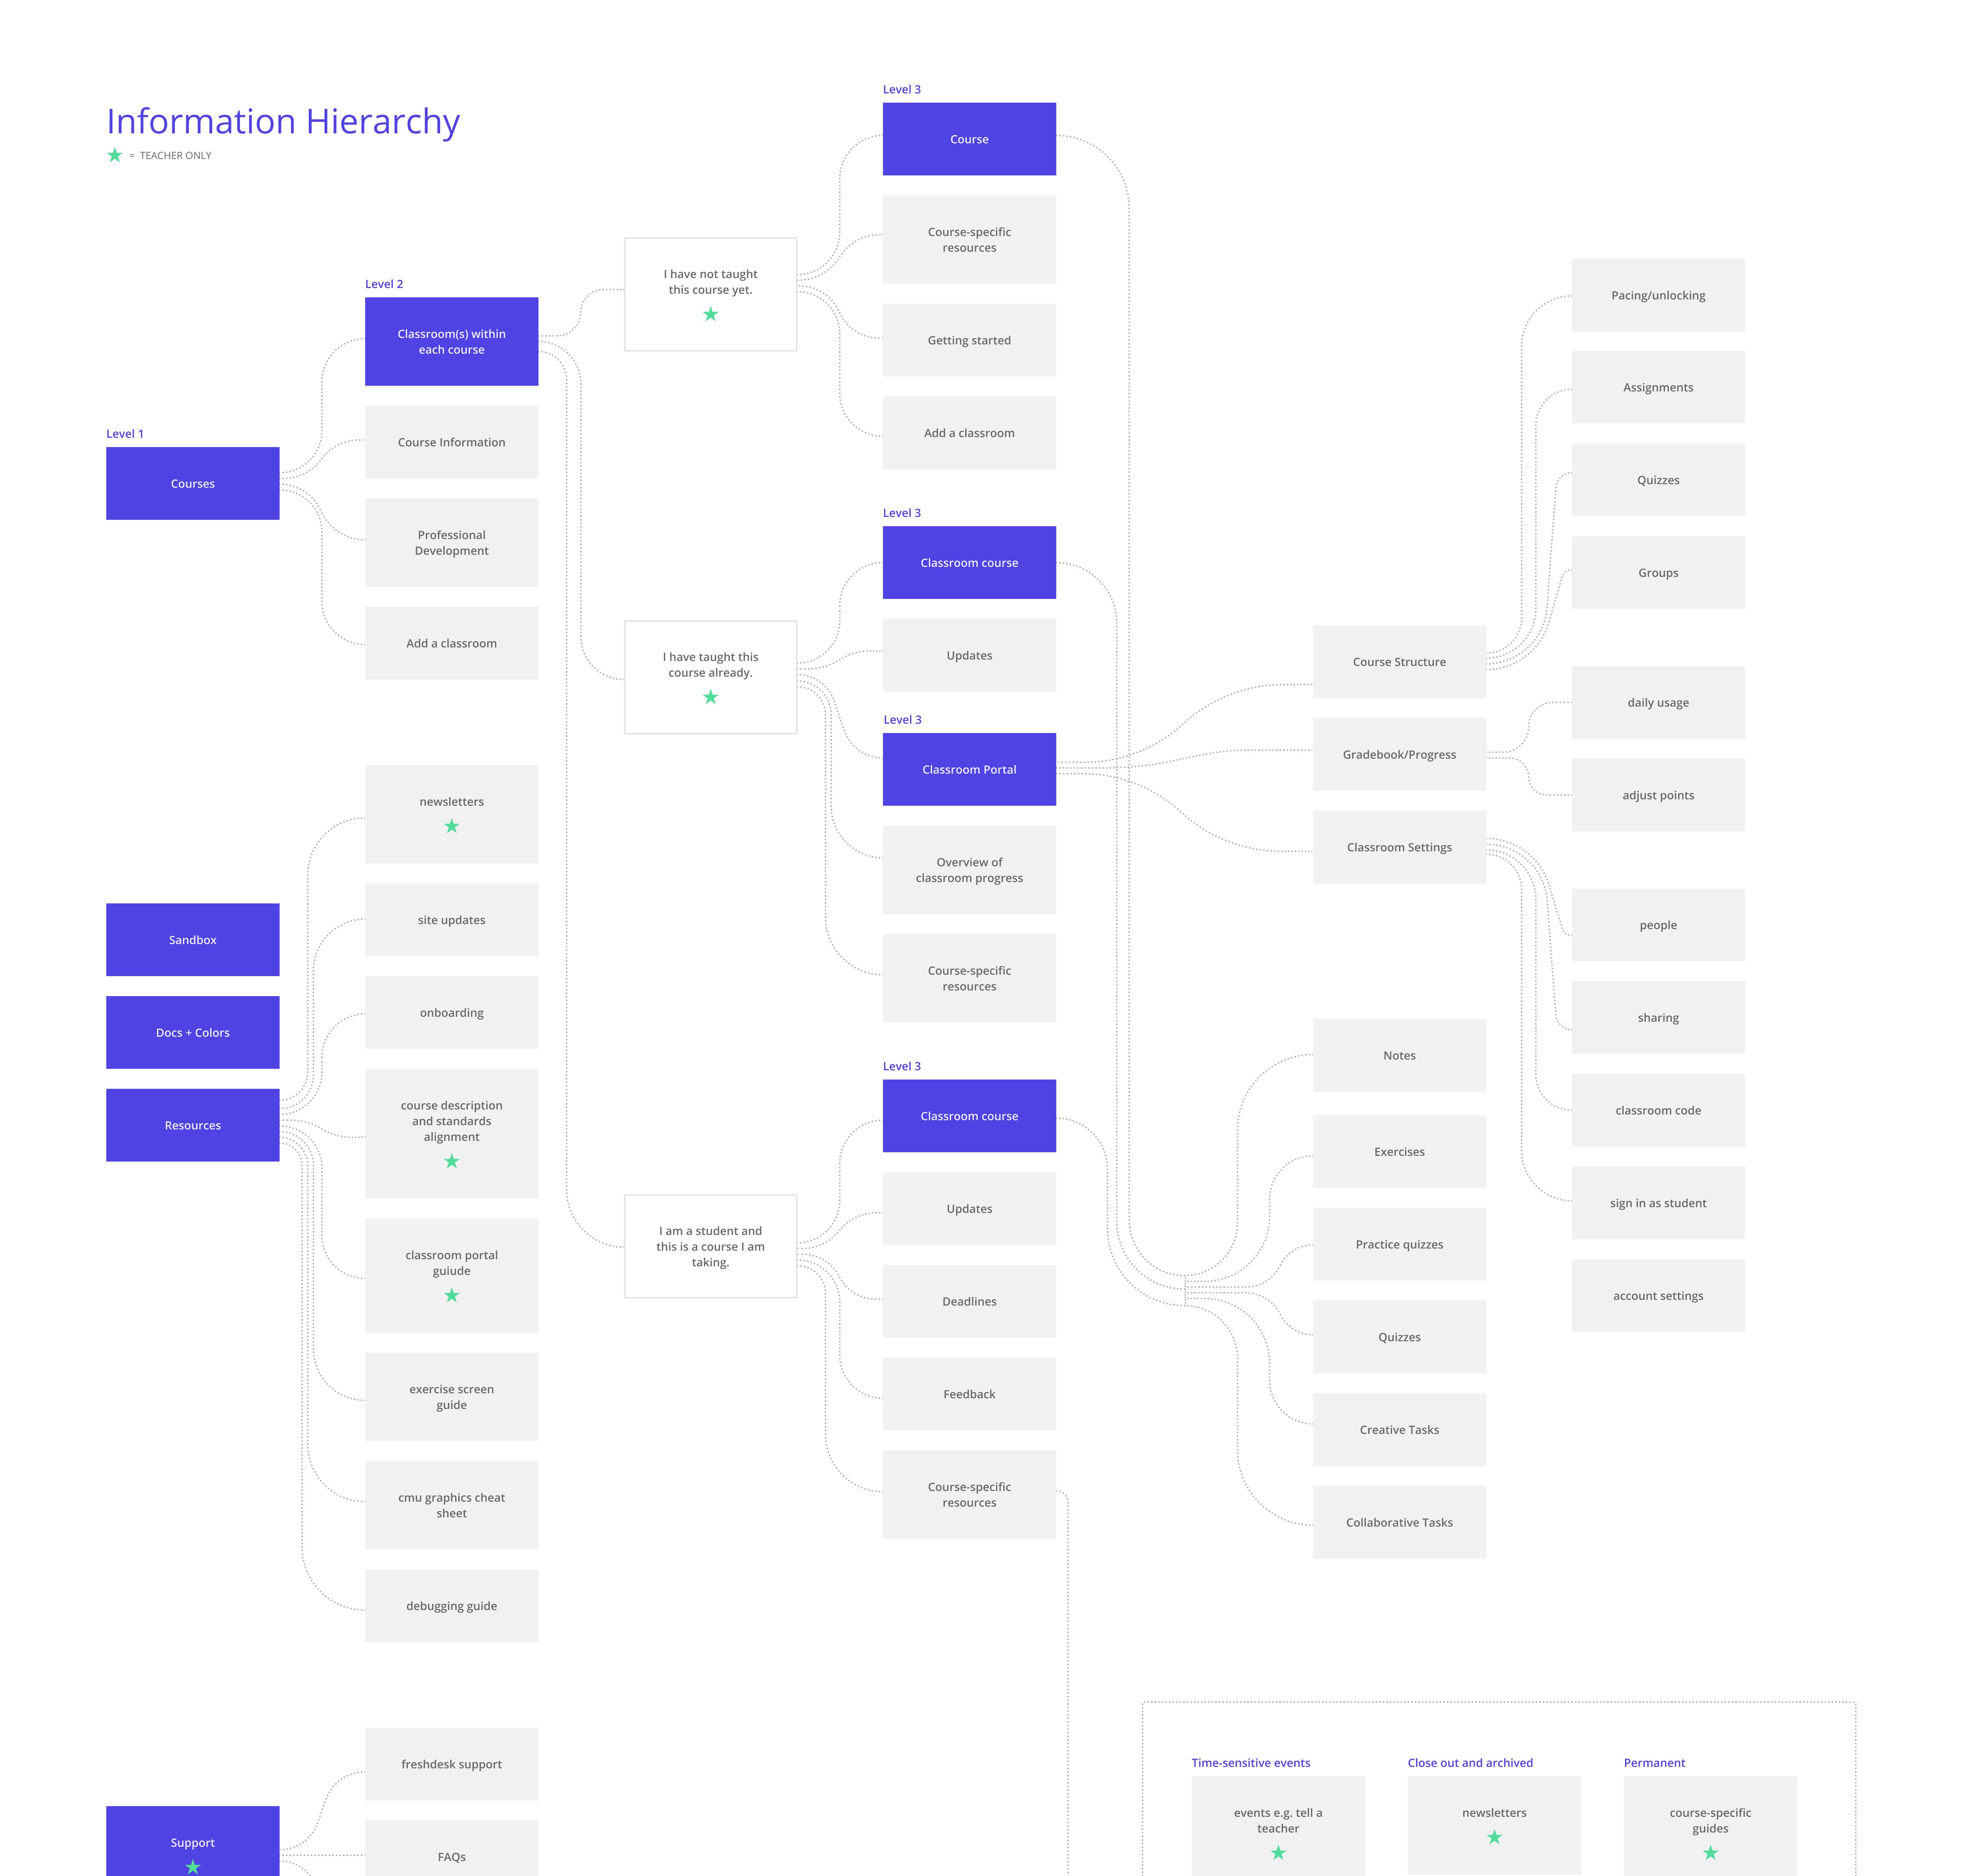 Information-hierarchy